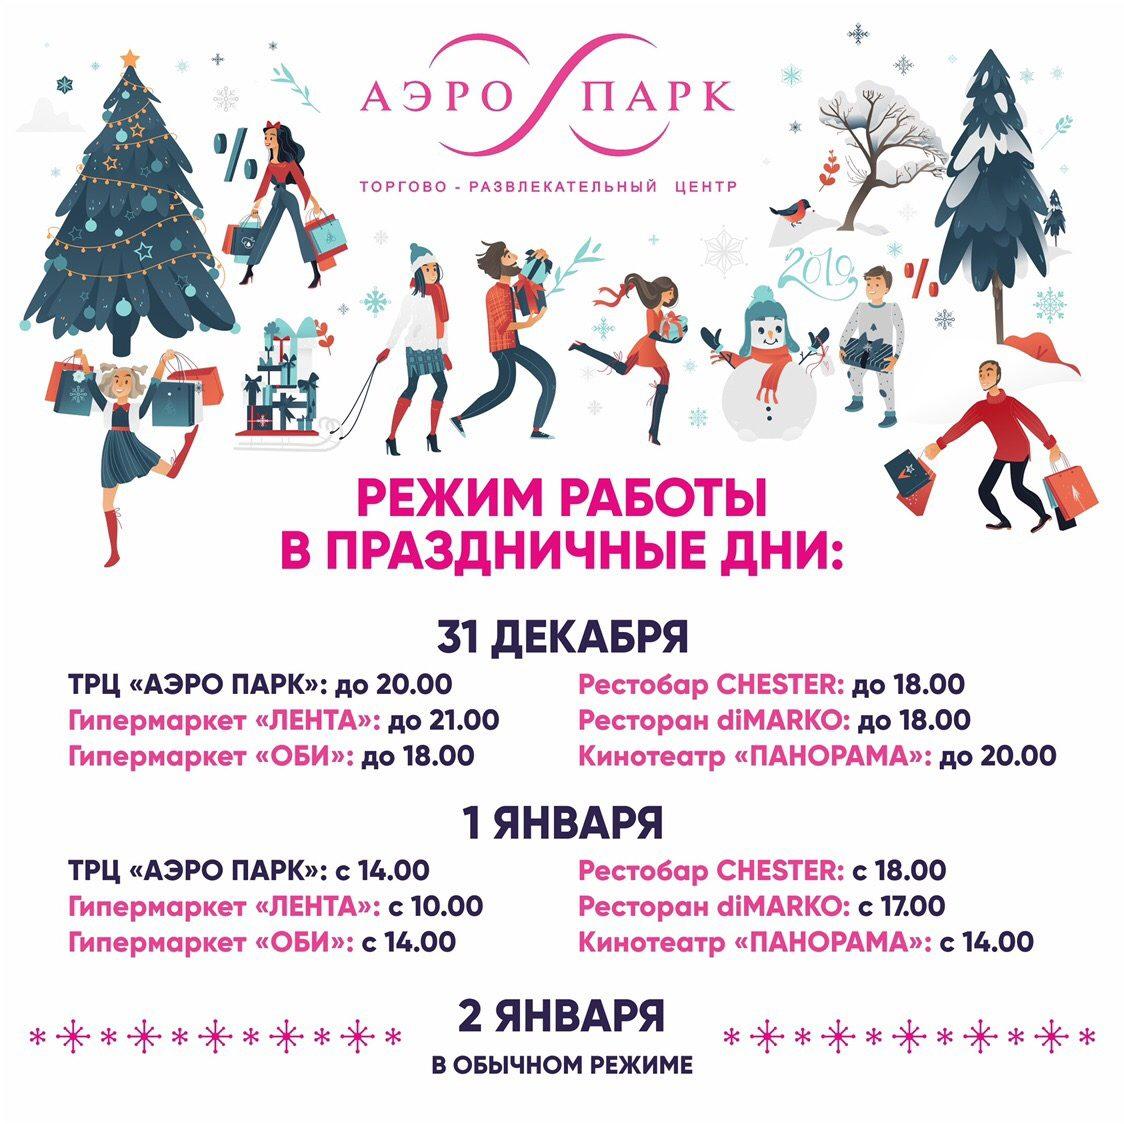 1ba47fbe6 🎄 Режим работы ТРЦ «АЭРО ПАРК» в праздничные дни 🎄 #АЭРОфакты